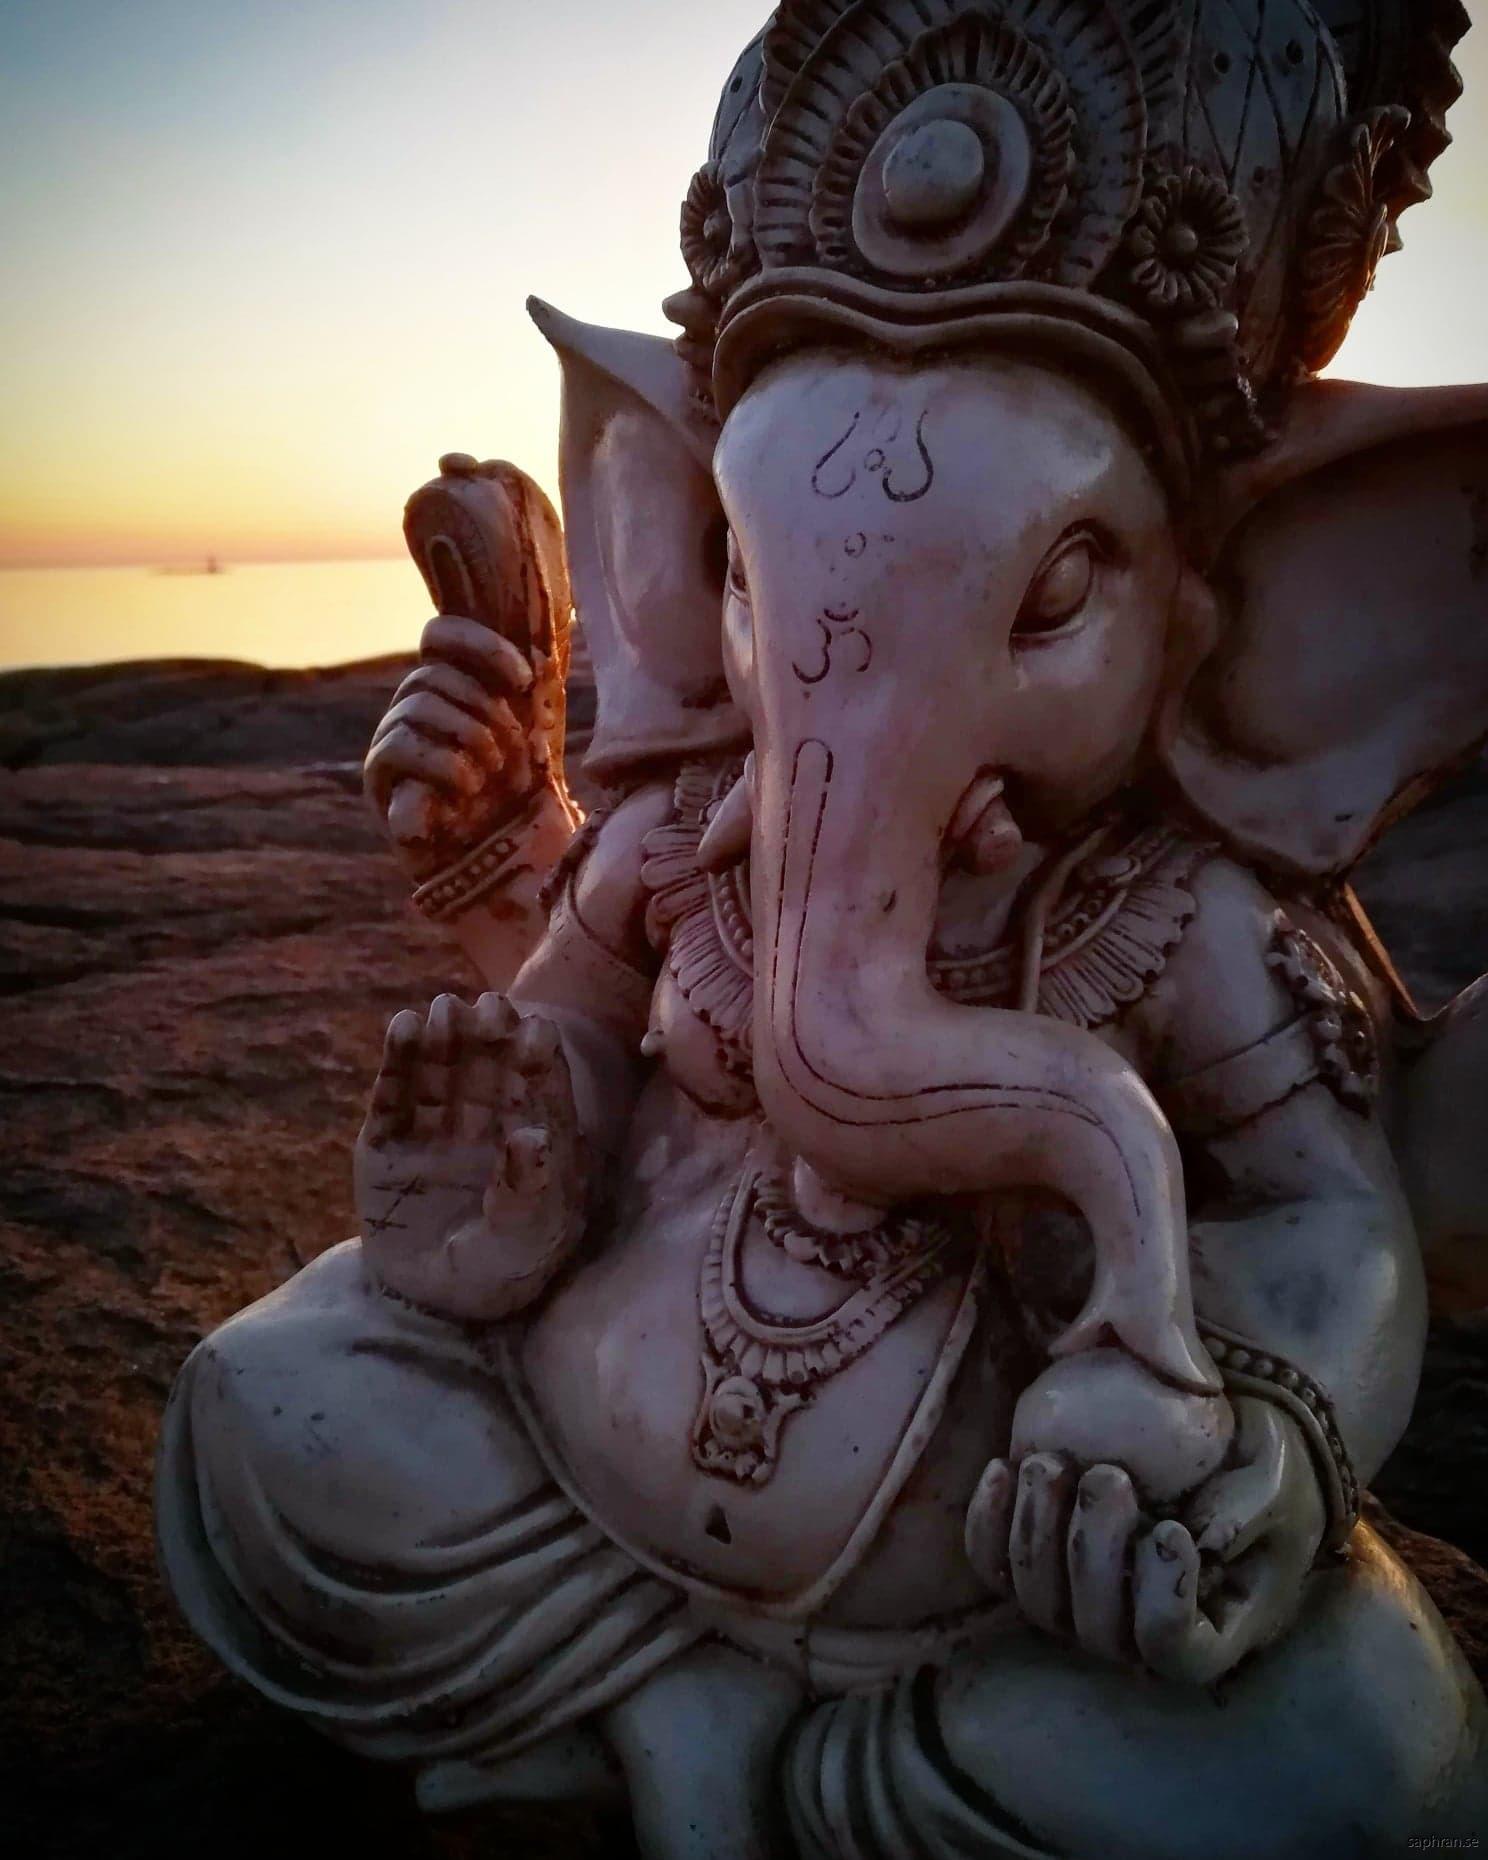 Unik staty föreställande Ganesha